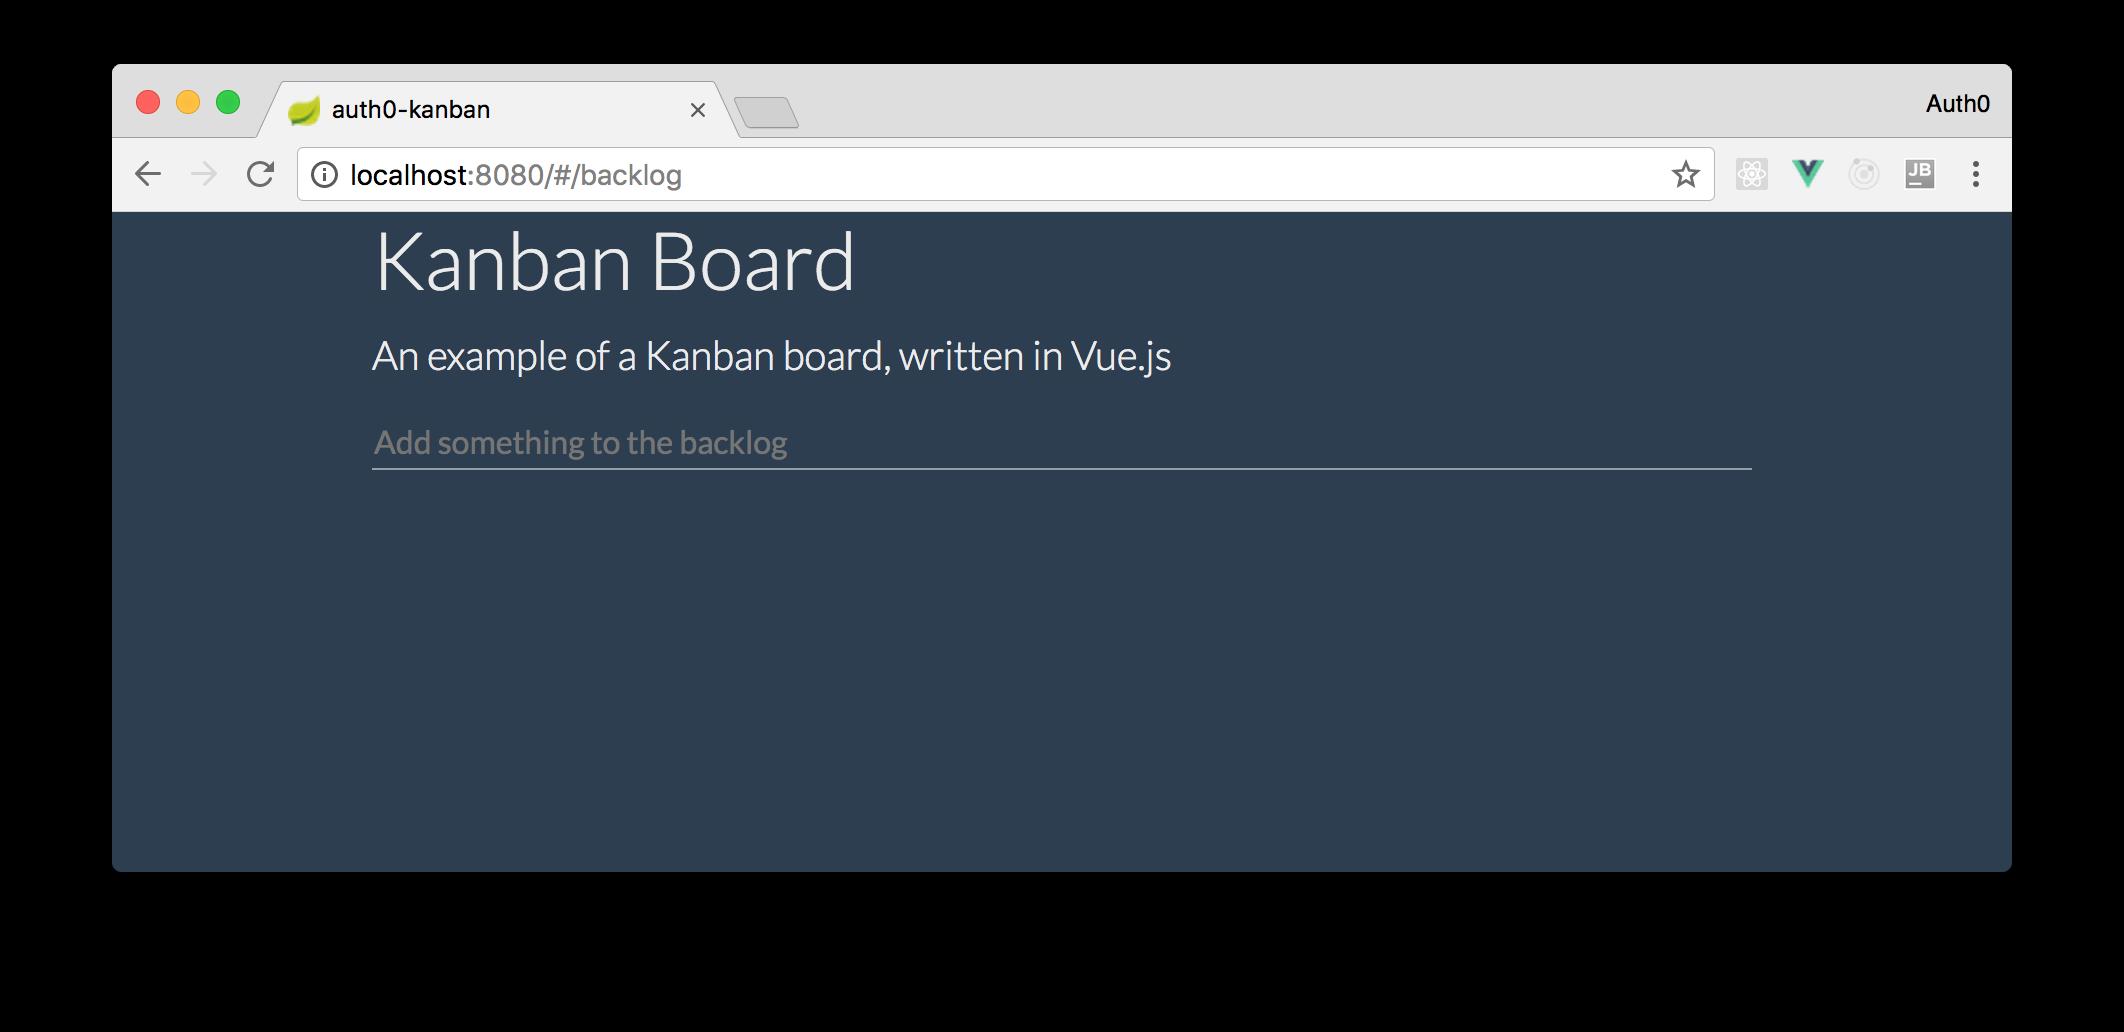 Kanban board preview